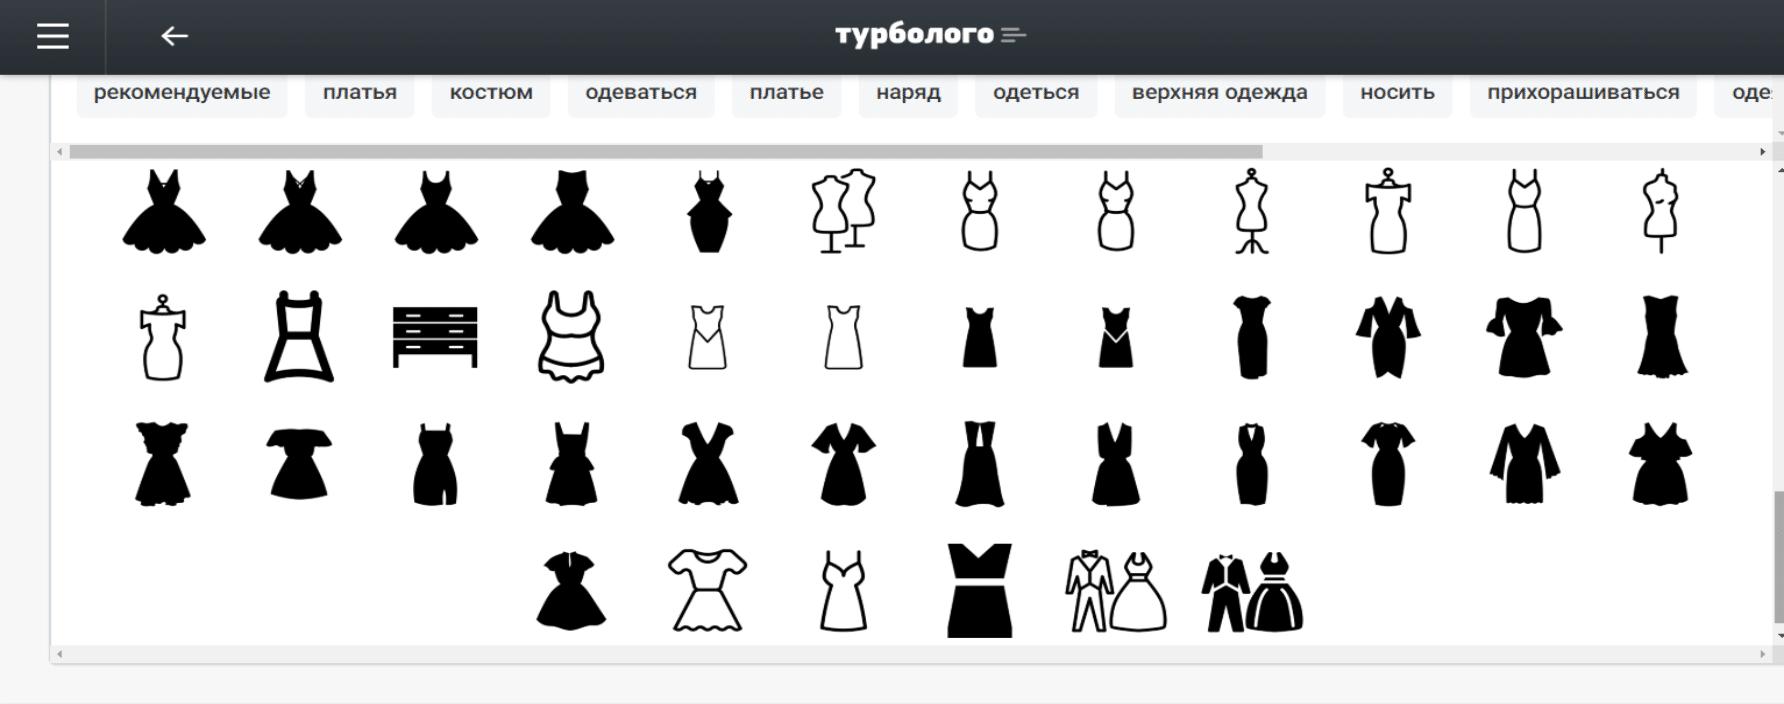 Выбор иконки Турболого